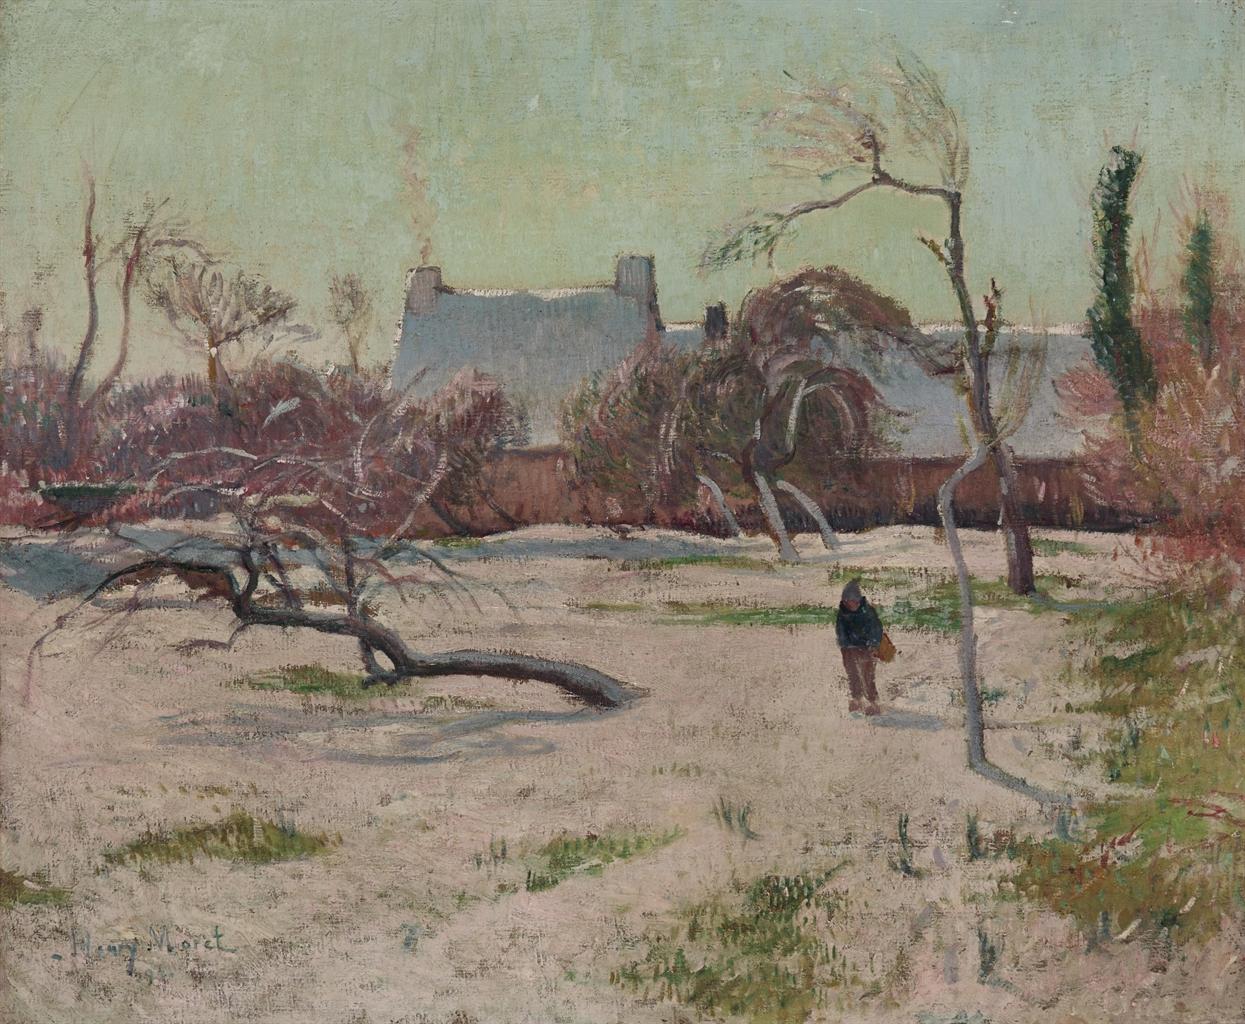 Henry Moret-Paysage de neige-1897